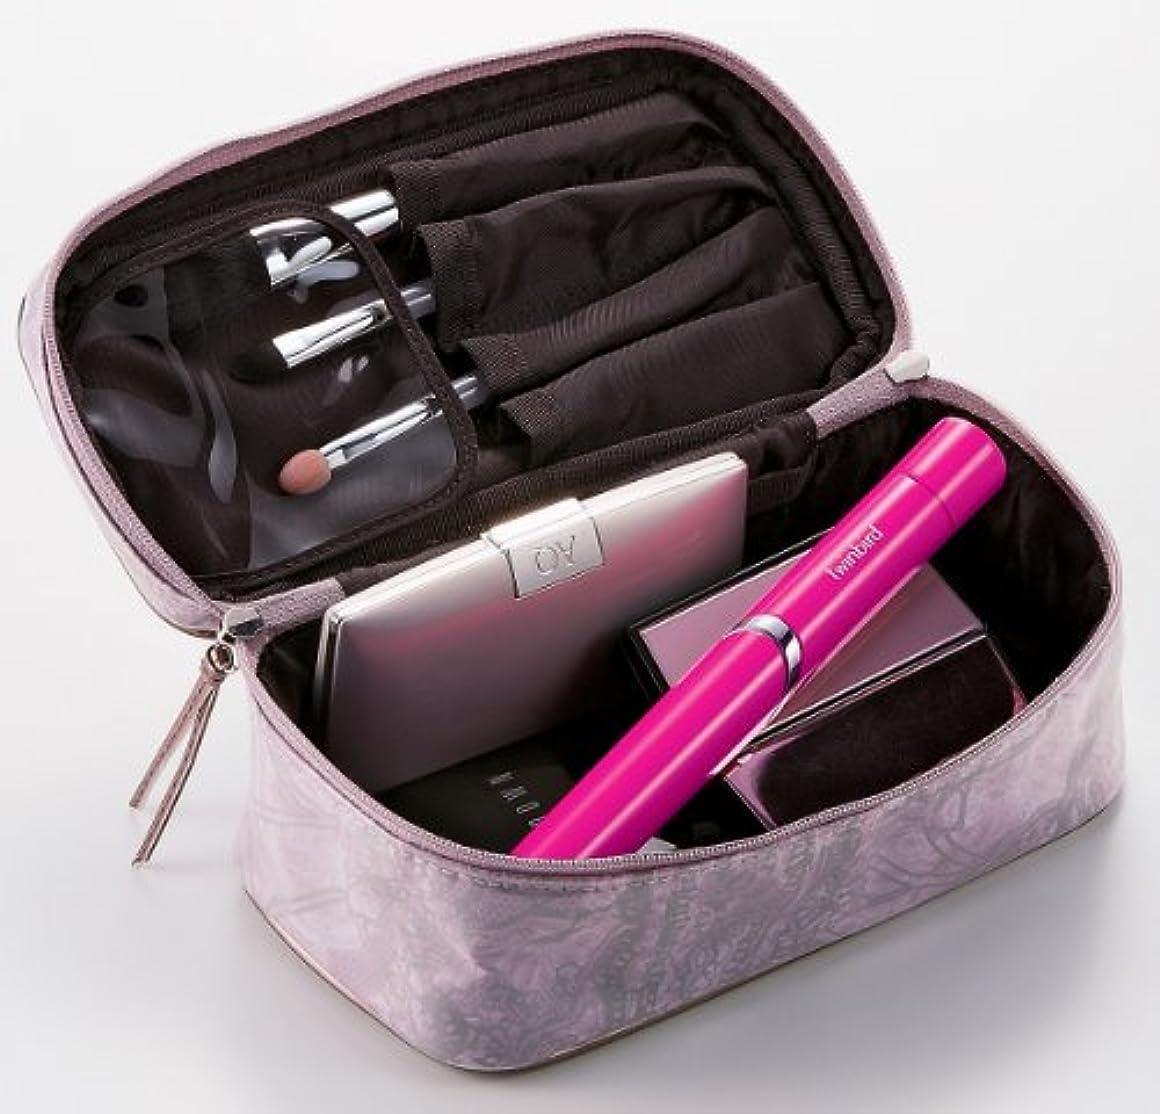 韓国甘くするエキサイティングツインバード 音波振動式歯ブラシ BD-2741 ピンク?BD-2741P